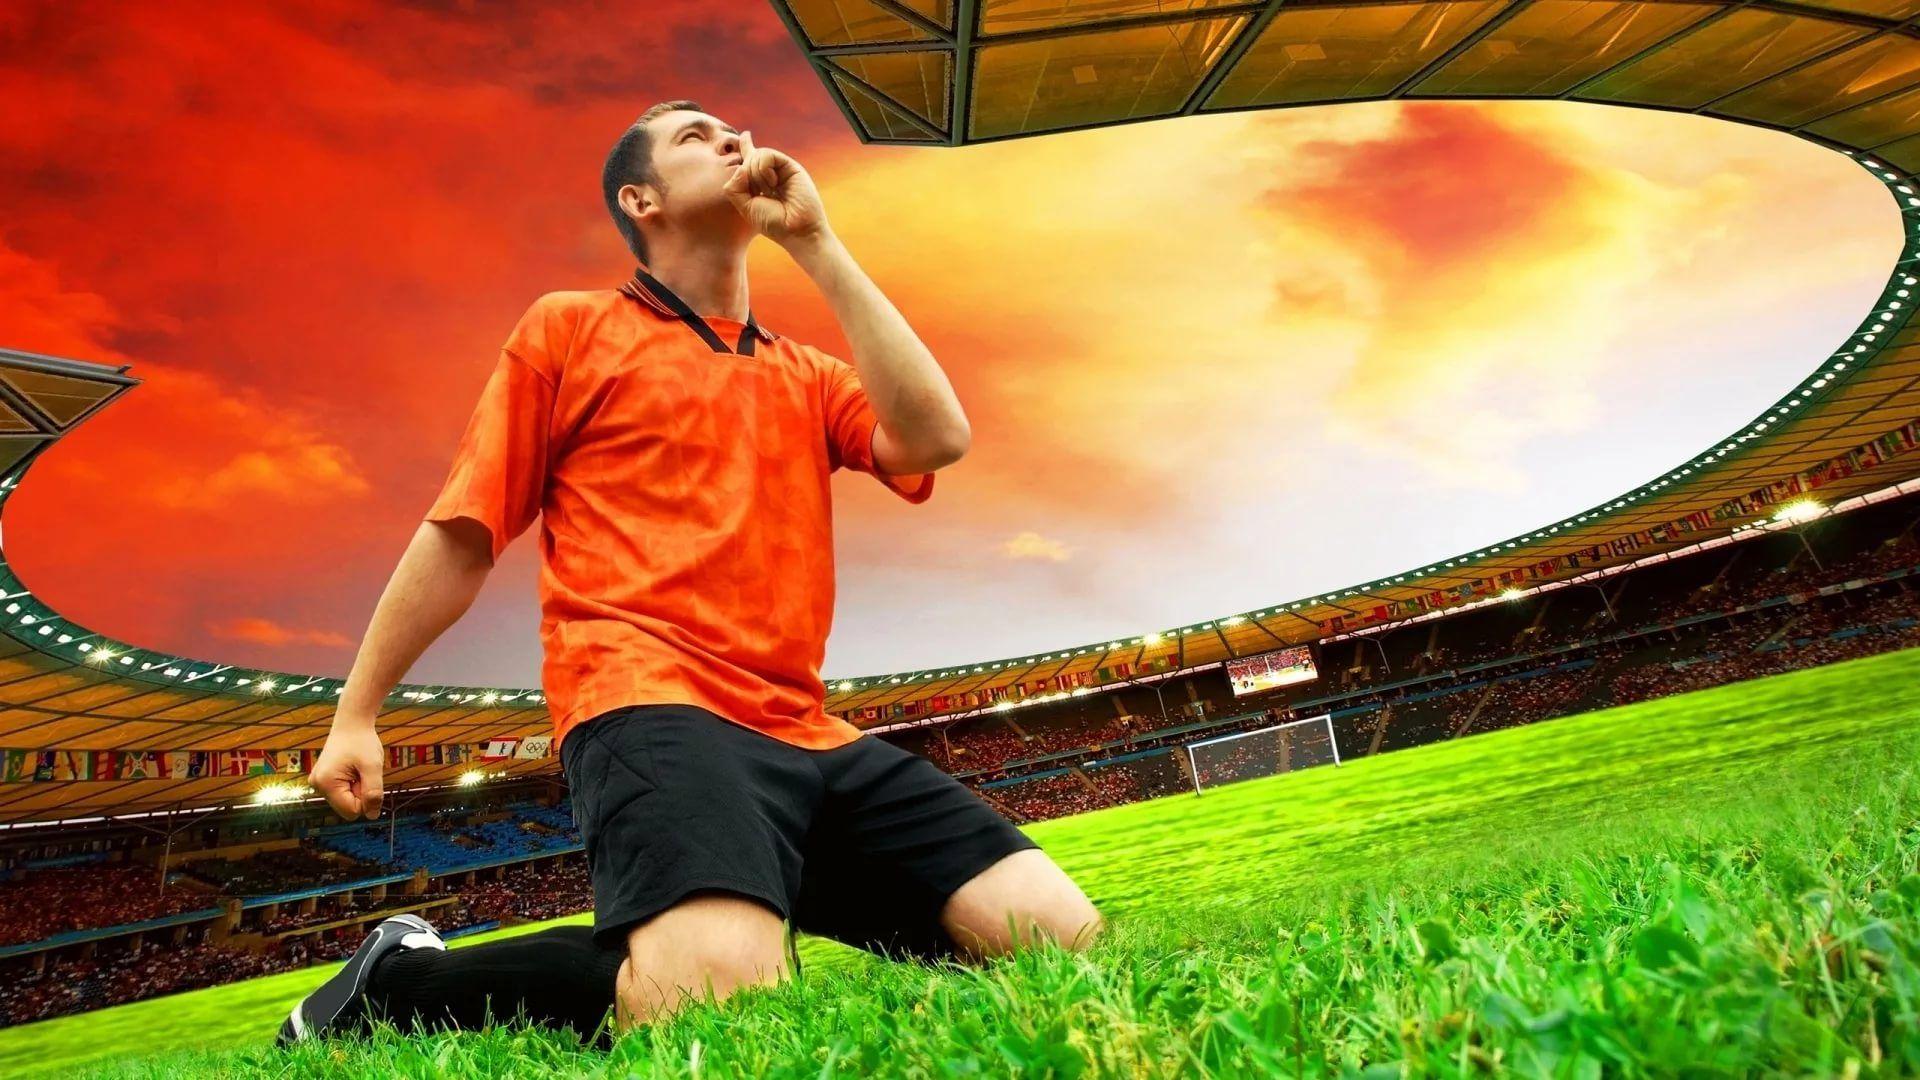 Soccer Player screen wallpaper